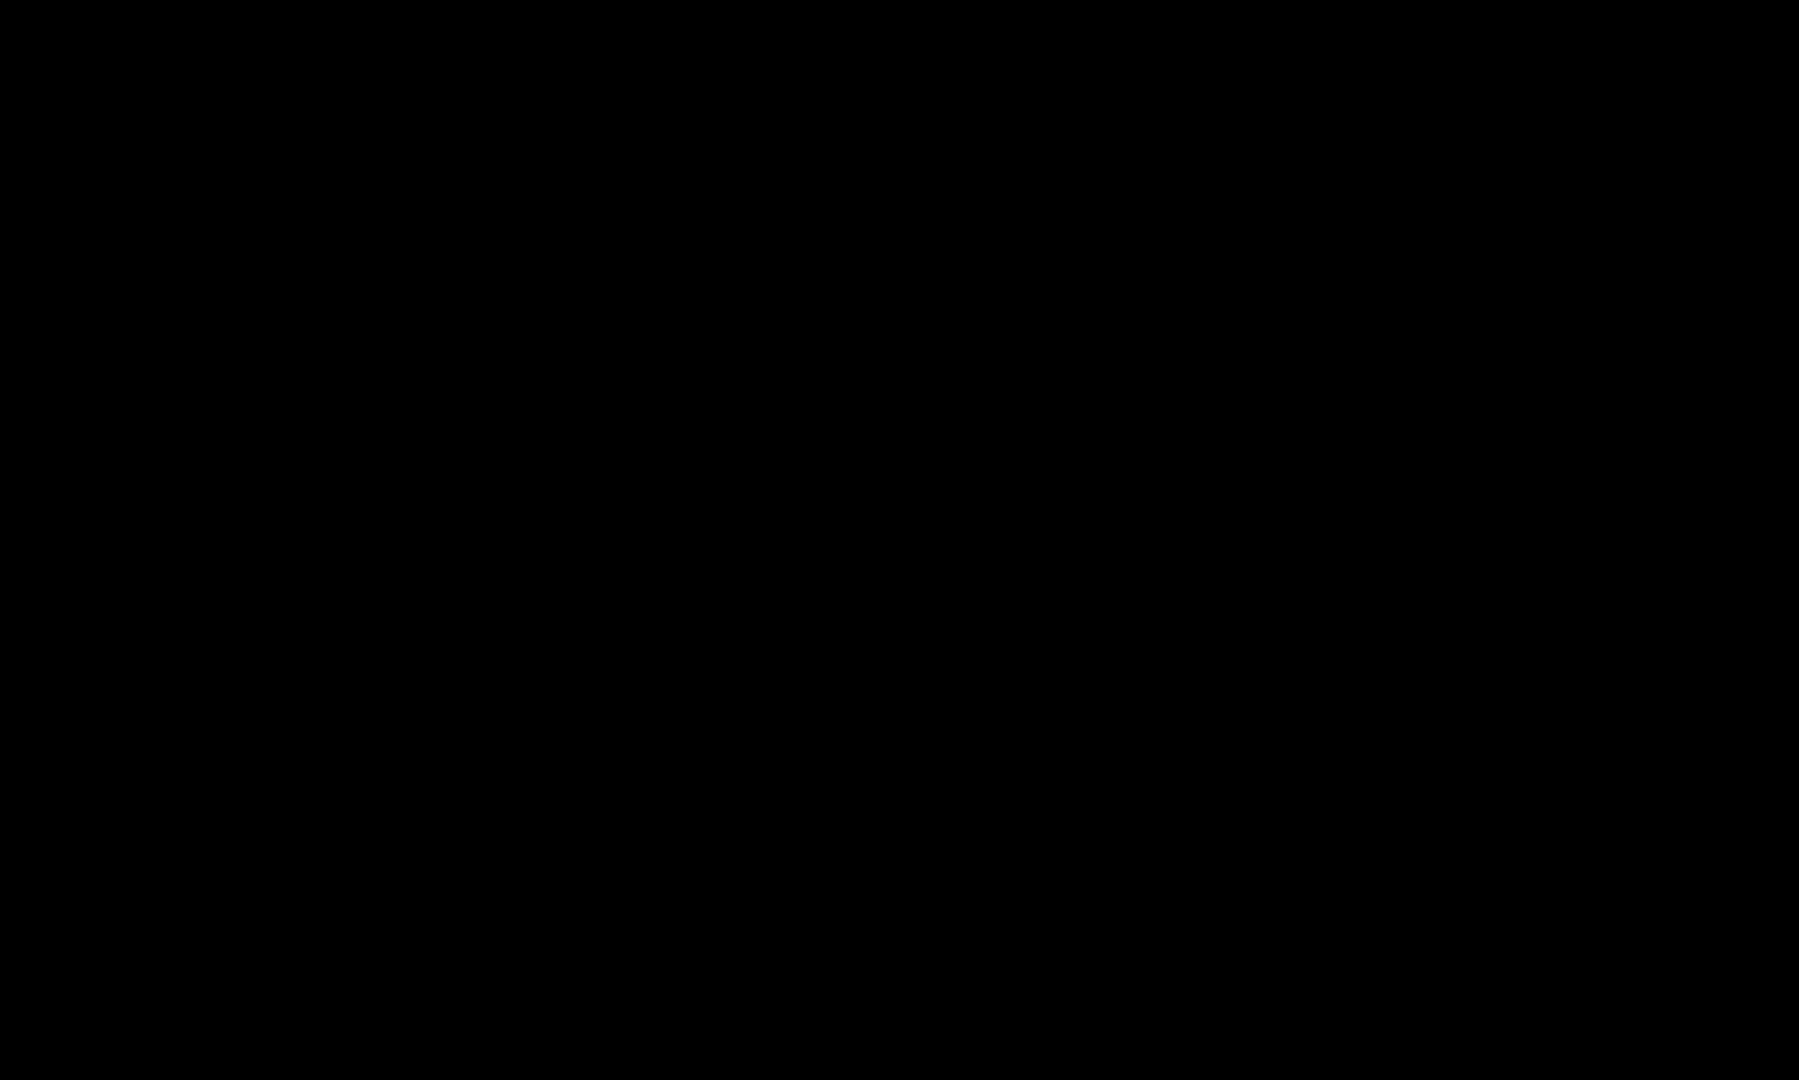 Logos_5.png